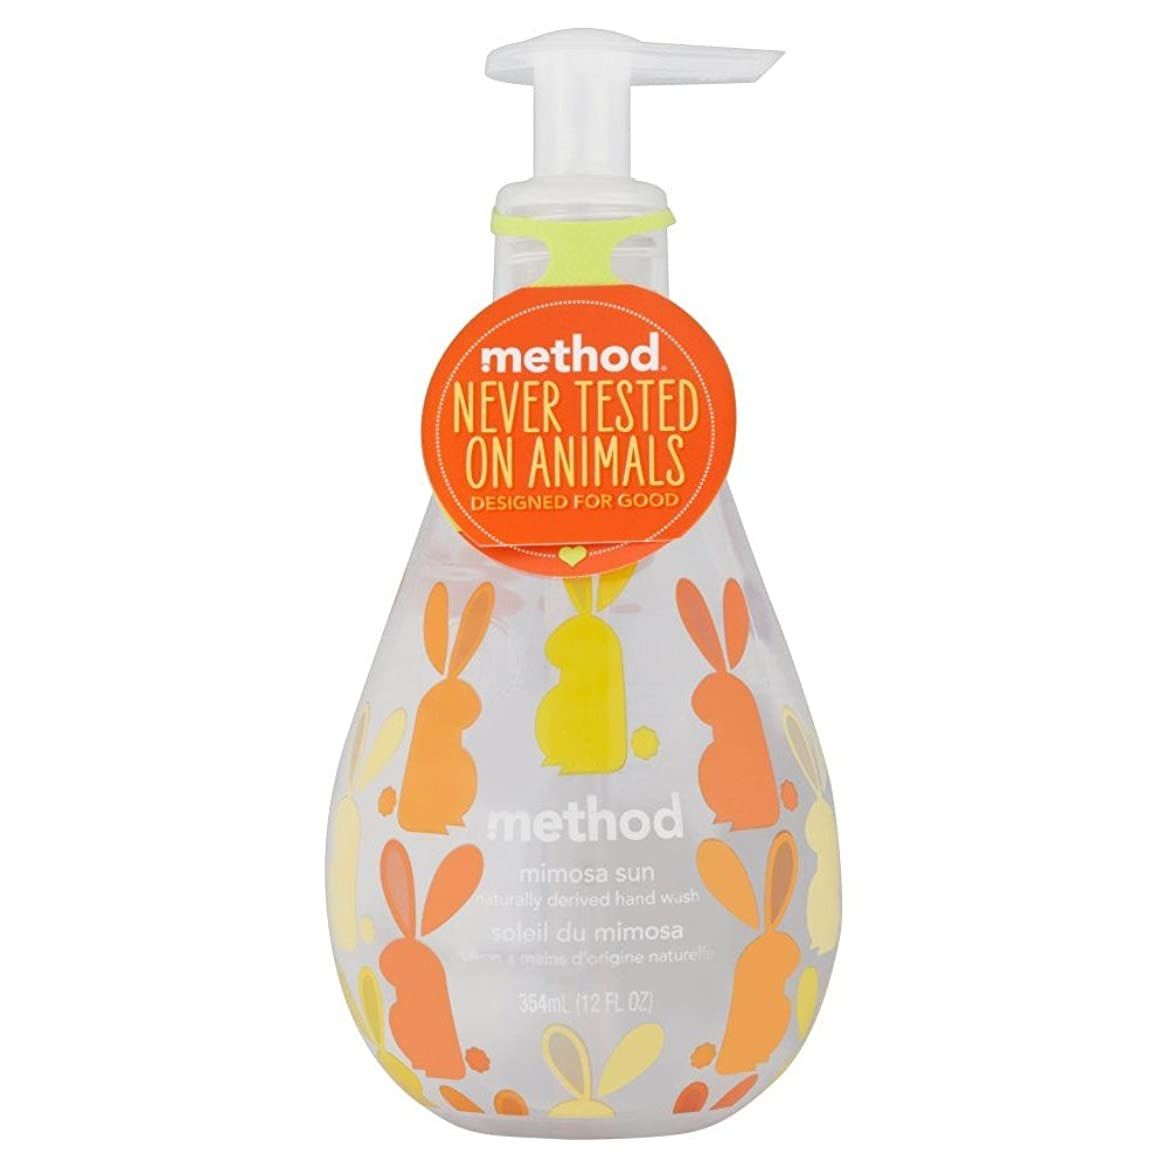 恨み困惑したパイプラインMethod Hand Wash - Mimosa Sun (354ml) メソッドハンドウォッシュ - ミモザ日( 354ミリリットル) [並行輸入品]